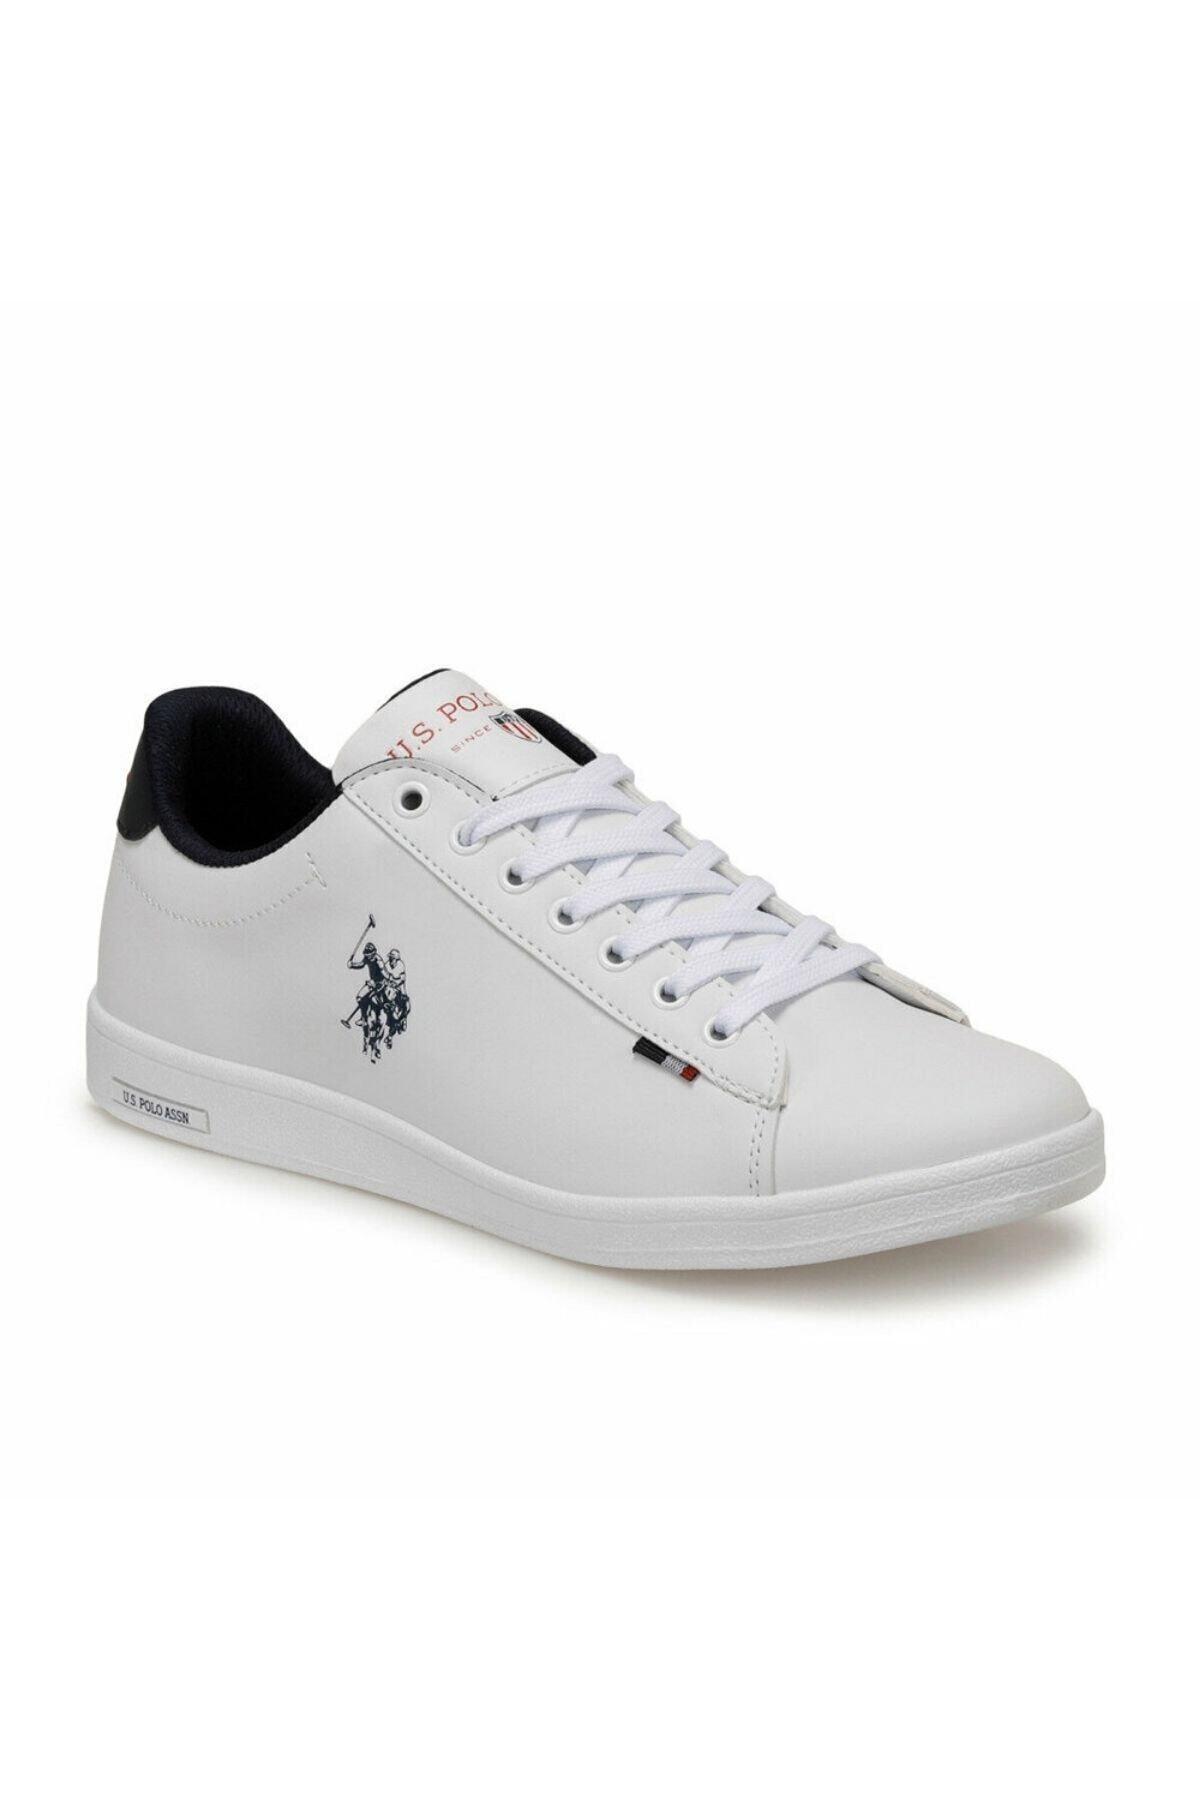 U.S. Polo Assn. FRANCO Beyaz Erkek Sneaker Ayakkabı 100249743 1